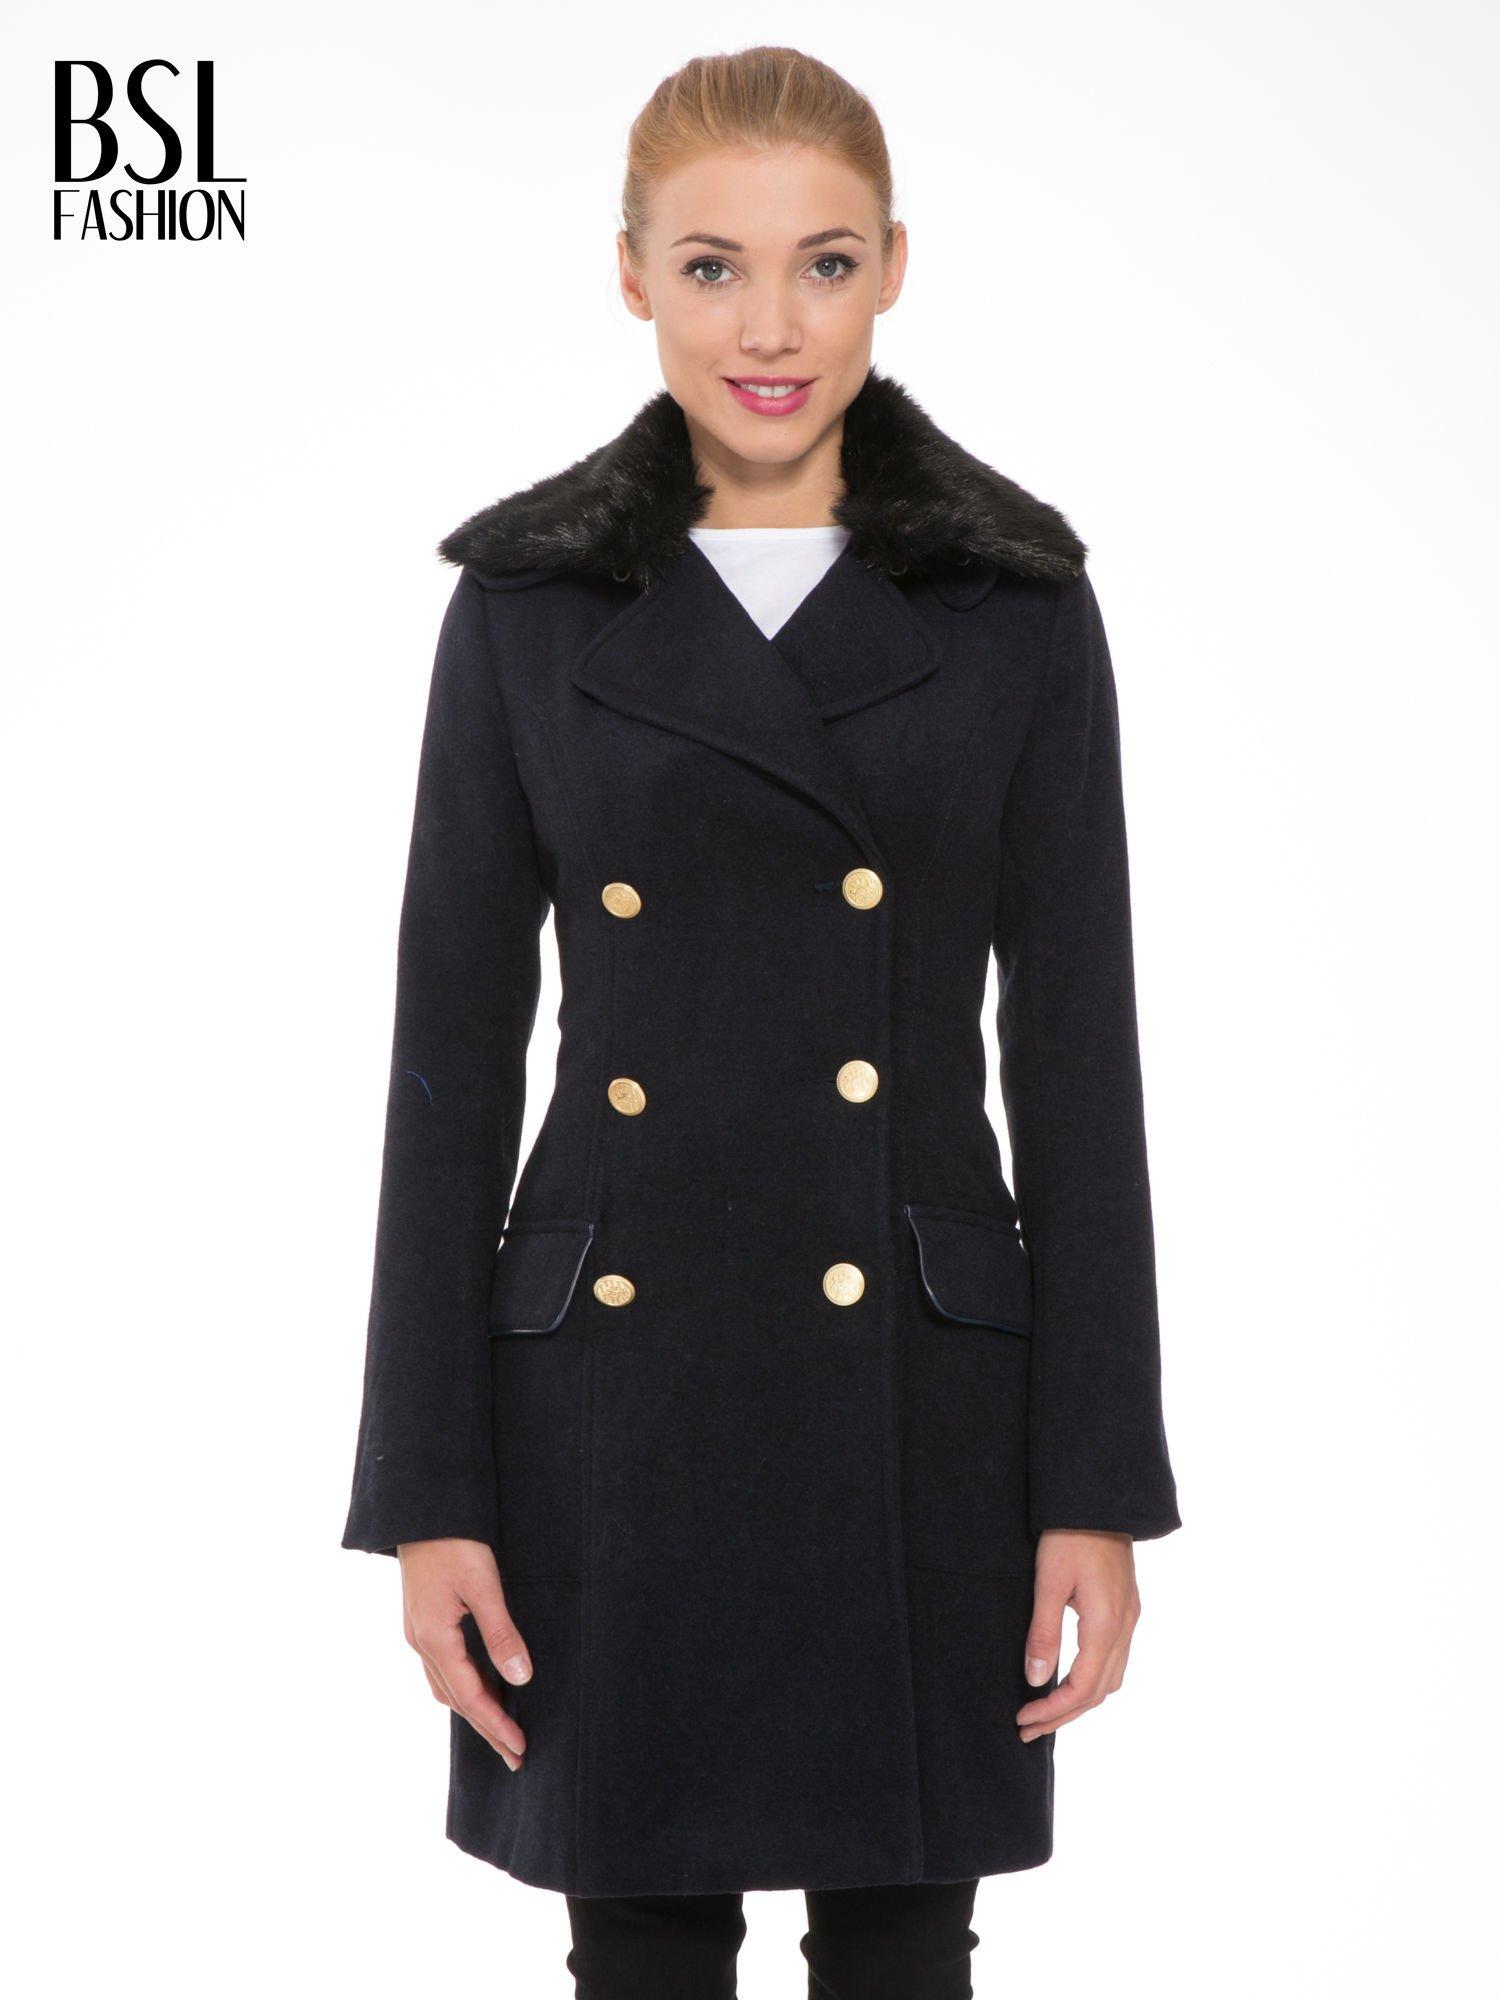 Granatowy wełniany płaszcz dwurzędowy z futrzanym kołnierzem                                  zdj.                                  1